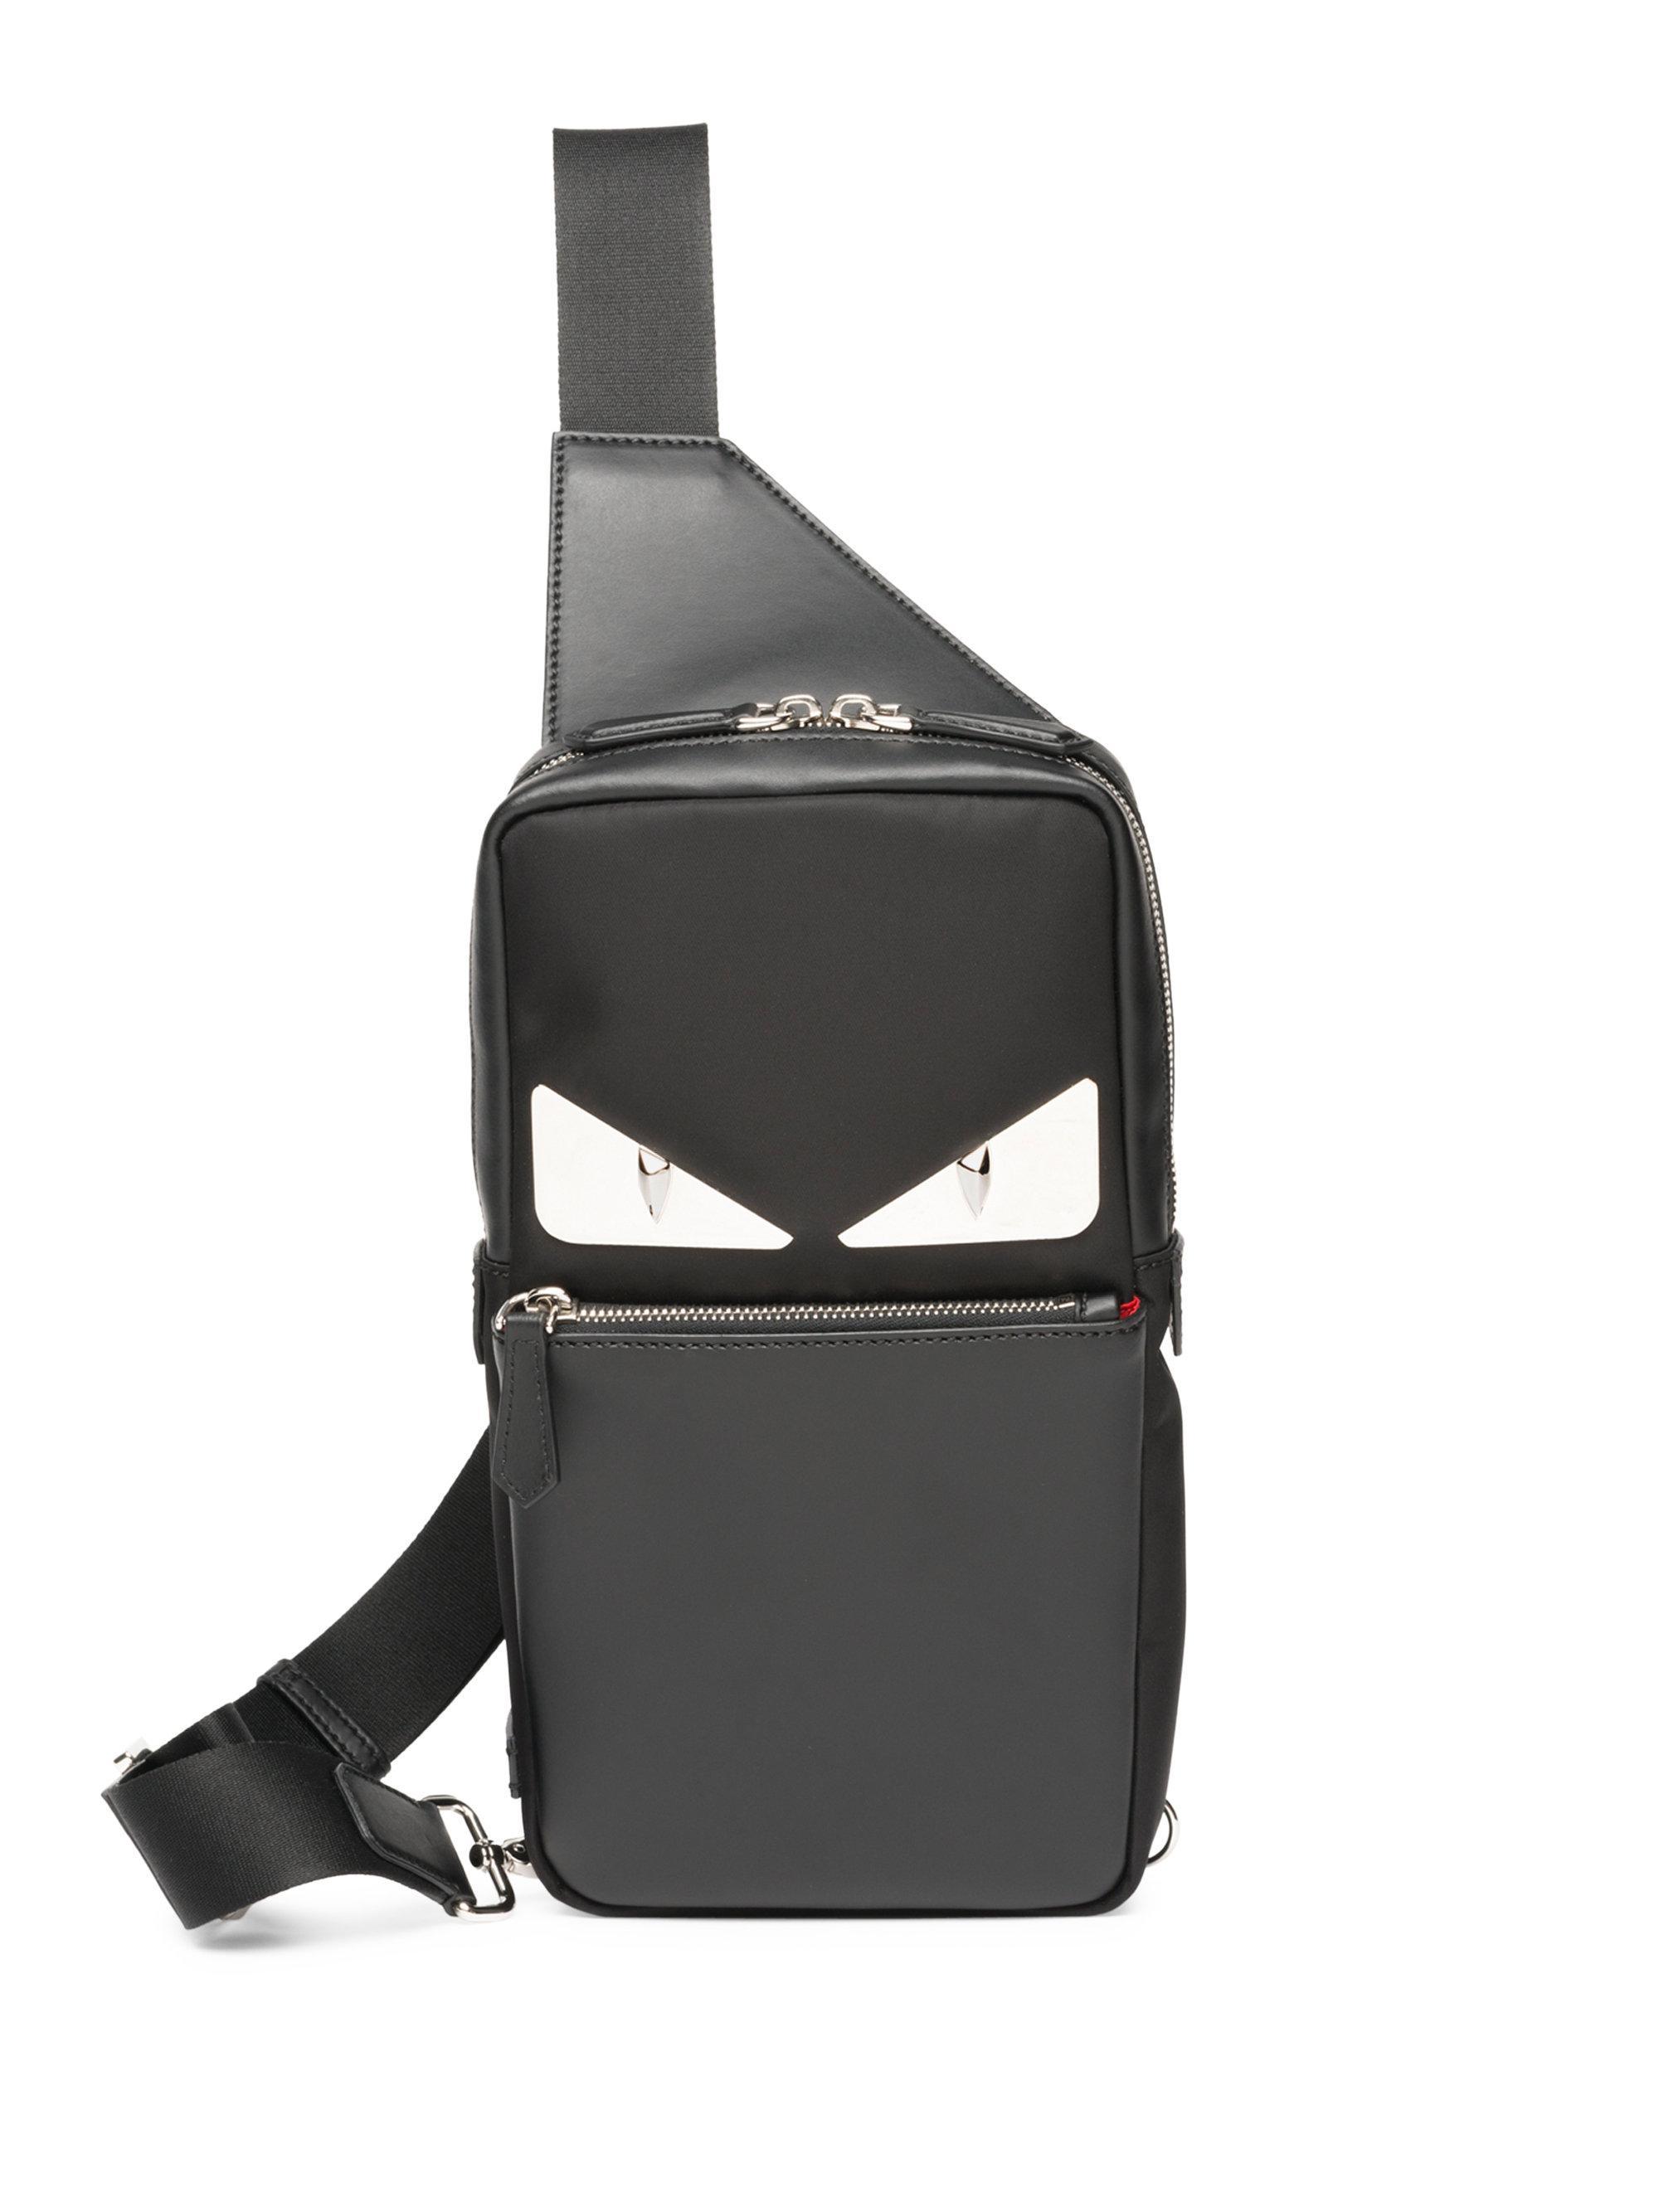 b9455edc2c45 Fendi Monster Crossbody Bag in Black for Men - Lyst